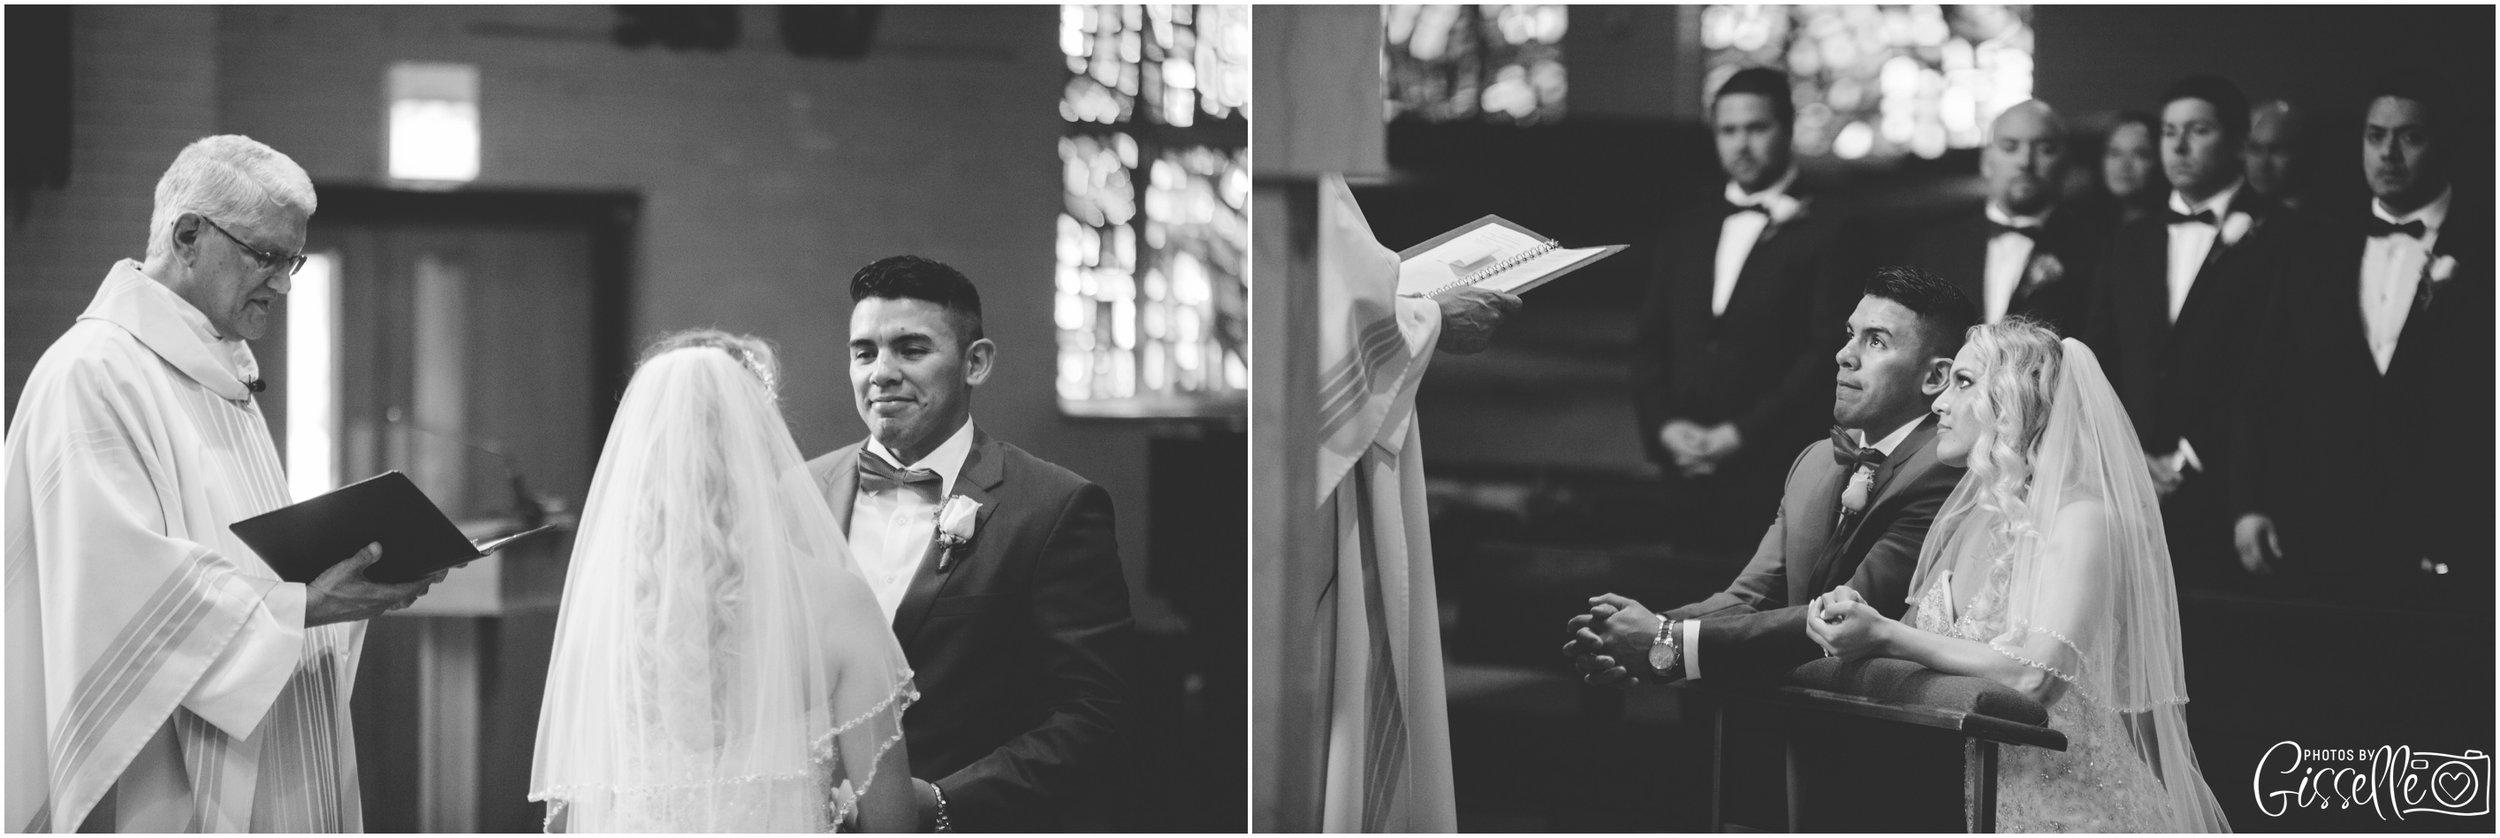 Astoria Banquets Wedding003.jpg